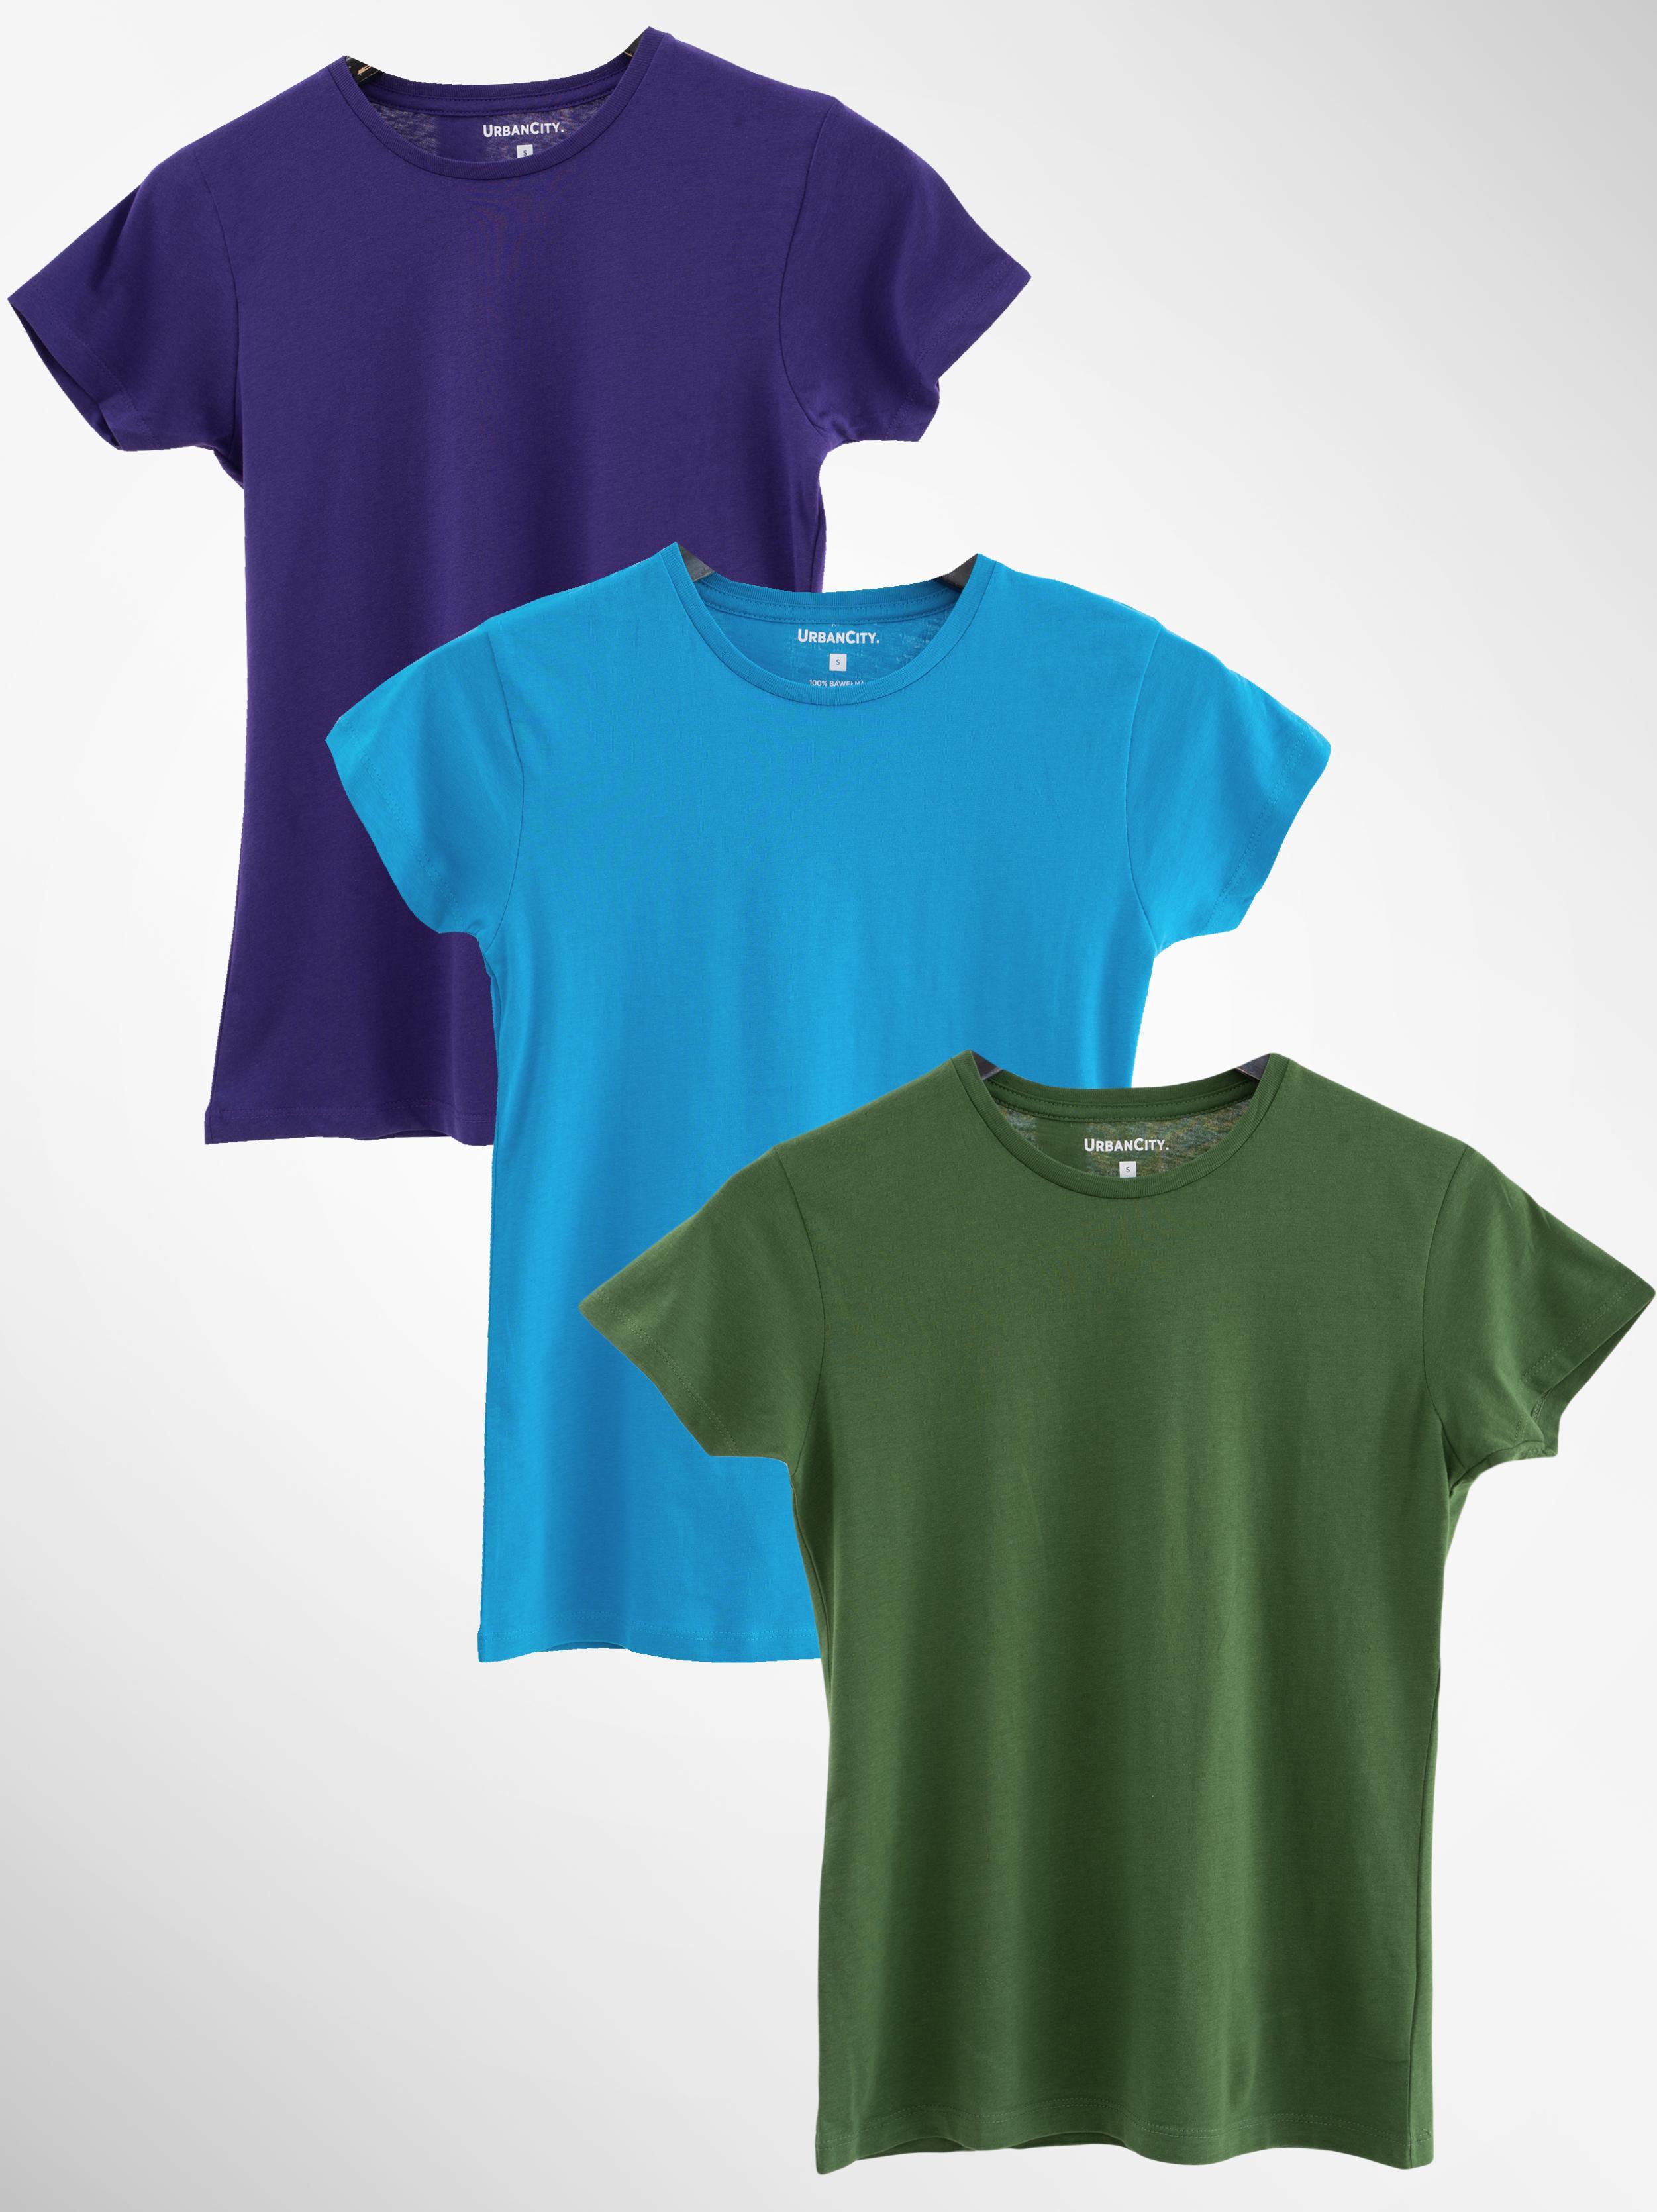 Zestaw 3 Damskich T-Shirtów Urban City No Logo Basic Niebieski / Fioletowy / Zielony